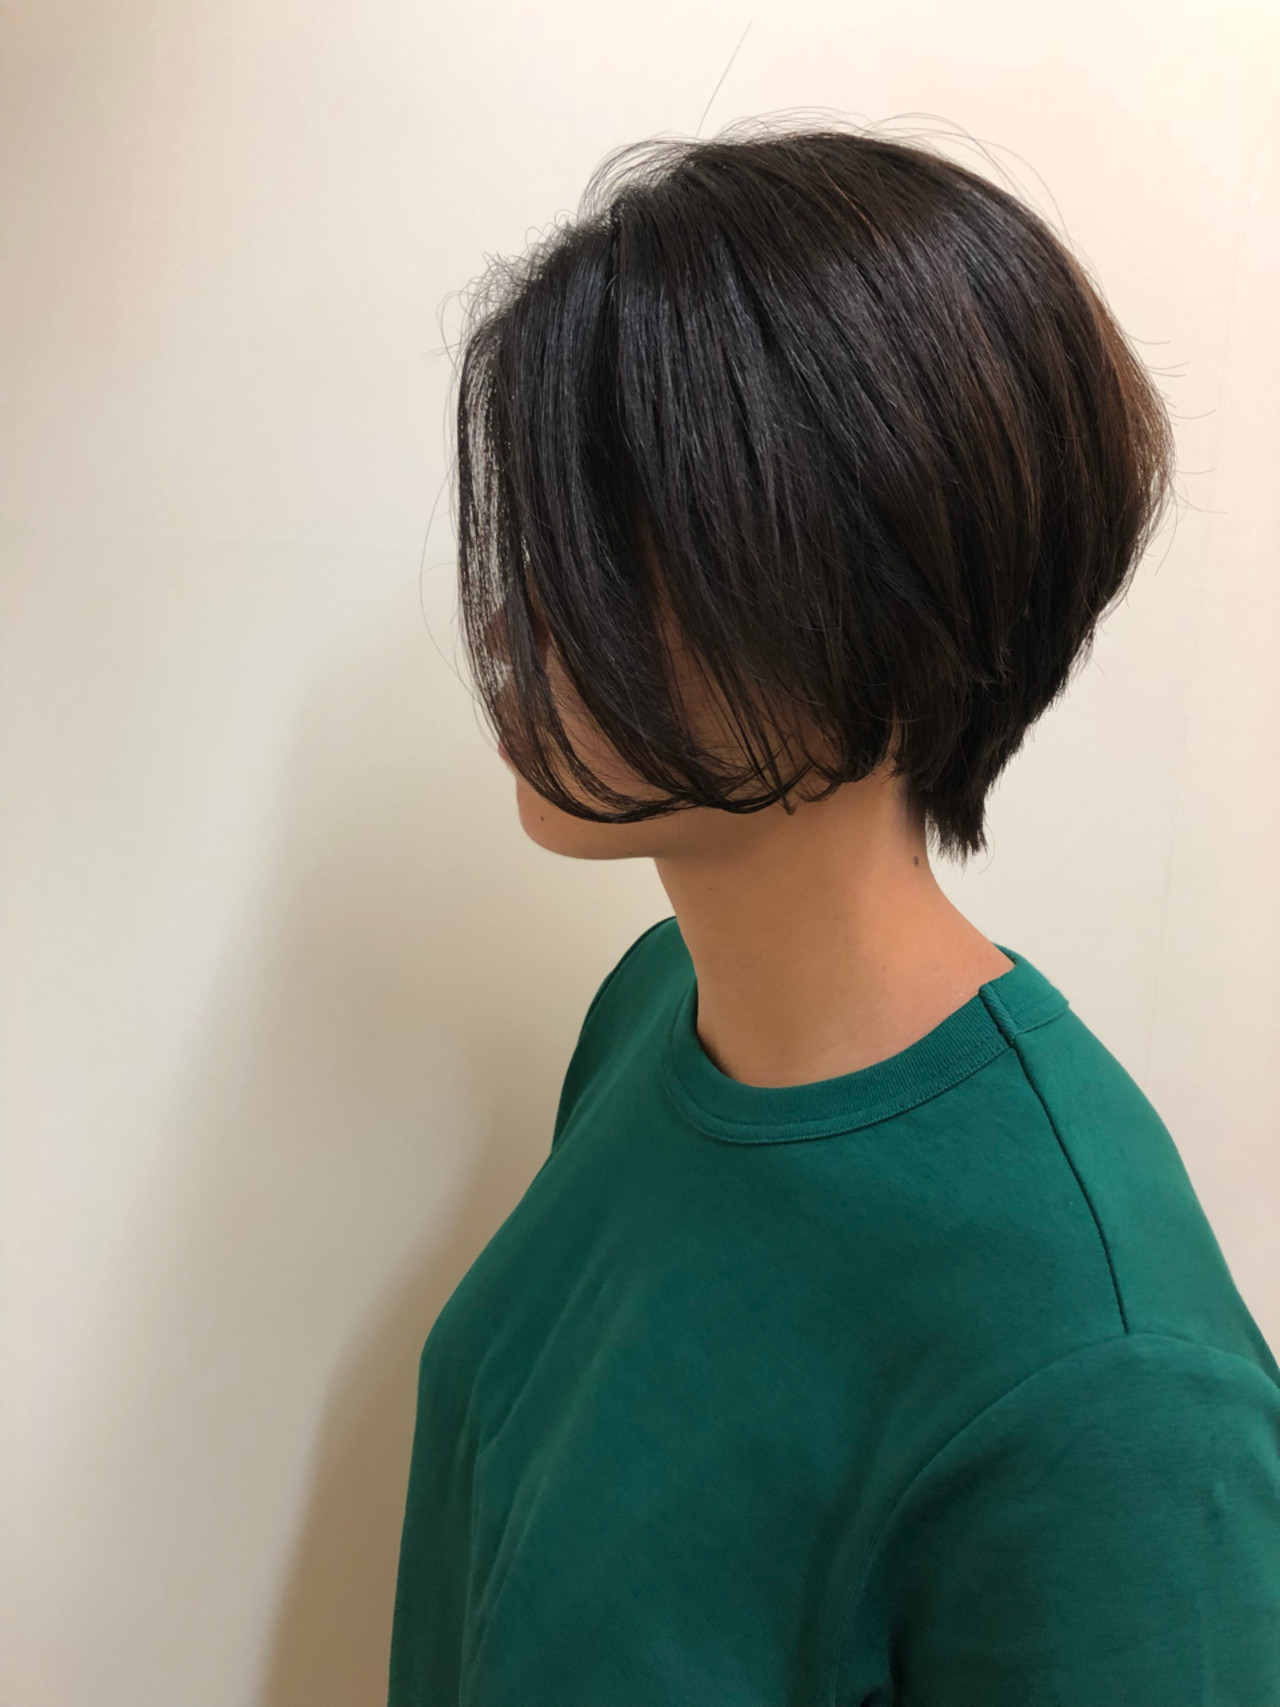 大人かわいい 夏 マッシュ ショート ヘアスタイルや髪型の写真・画像 | 池田 涼平 / RENJISHI